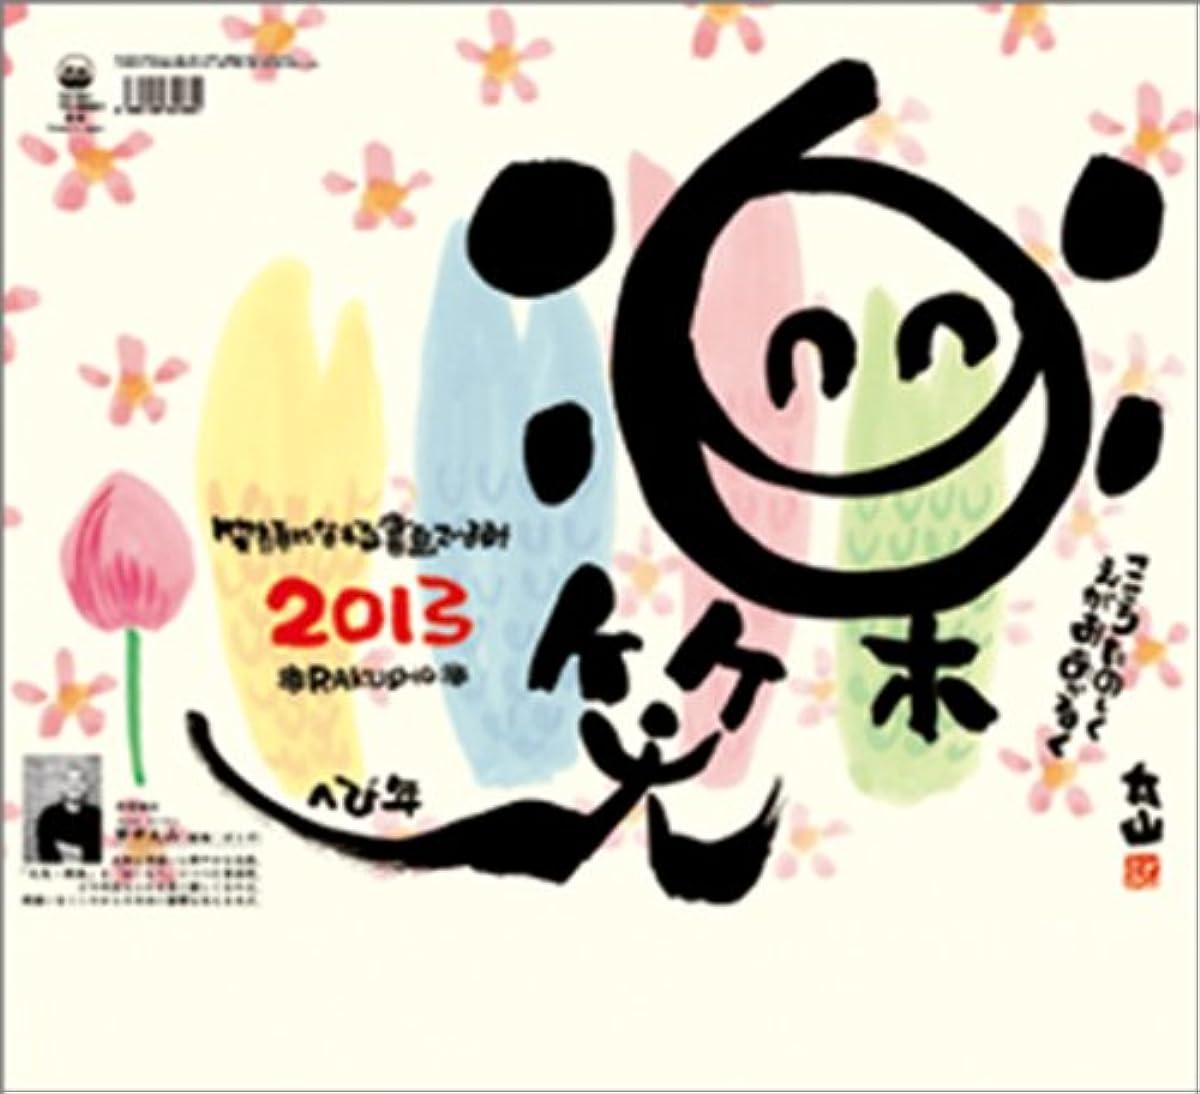 シーズン打撃火山楽笑~笑顔になれる書画ごよみ カレンダー 2013年